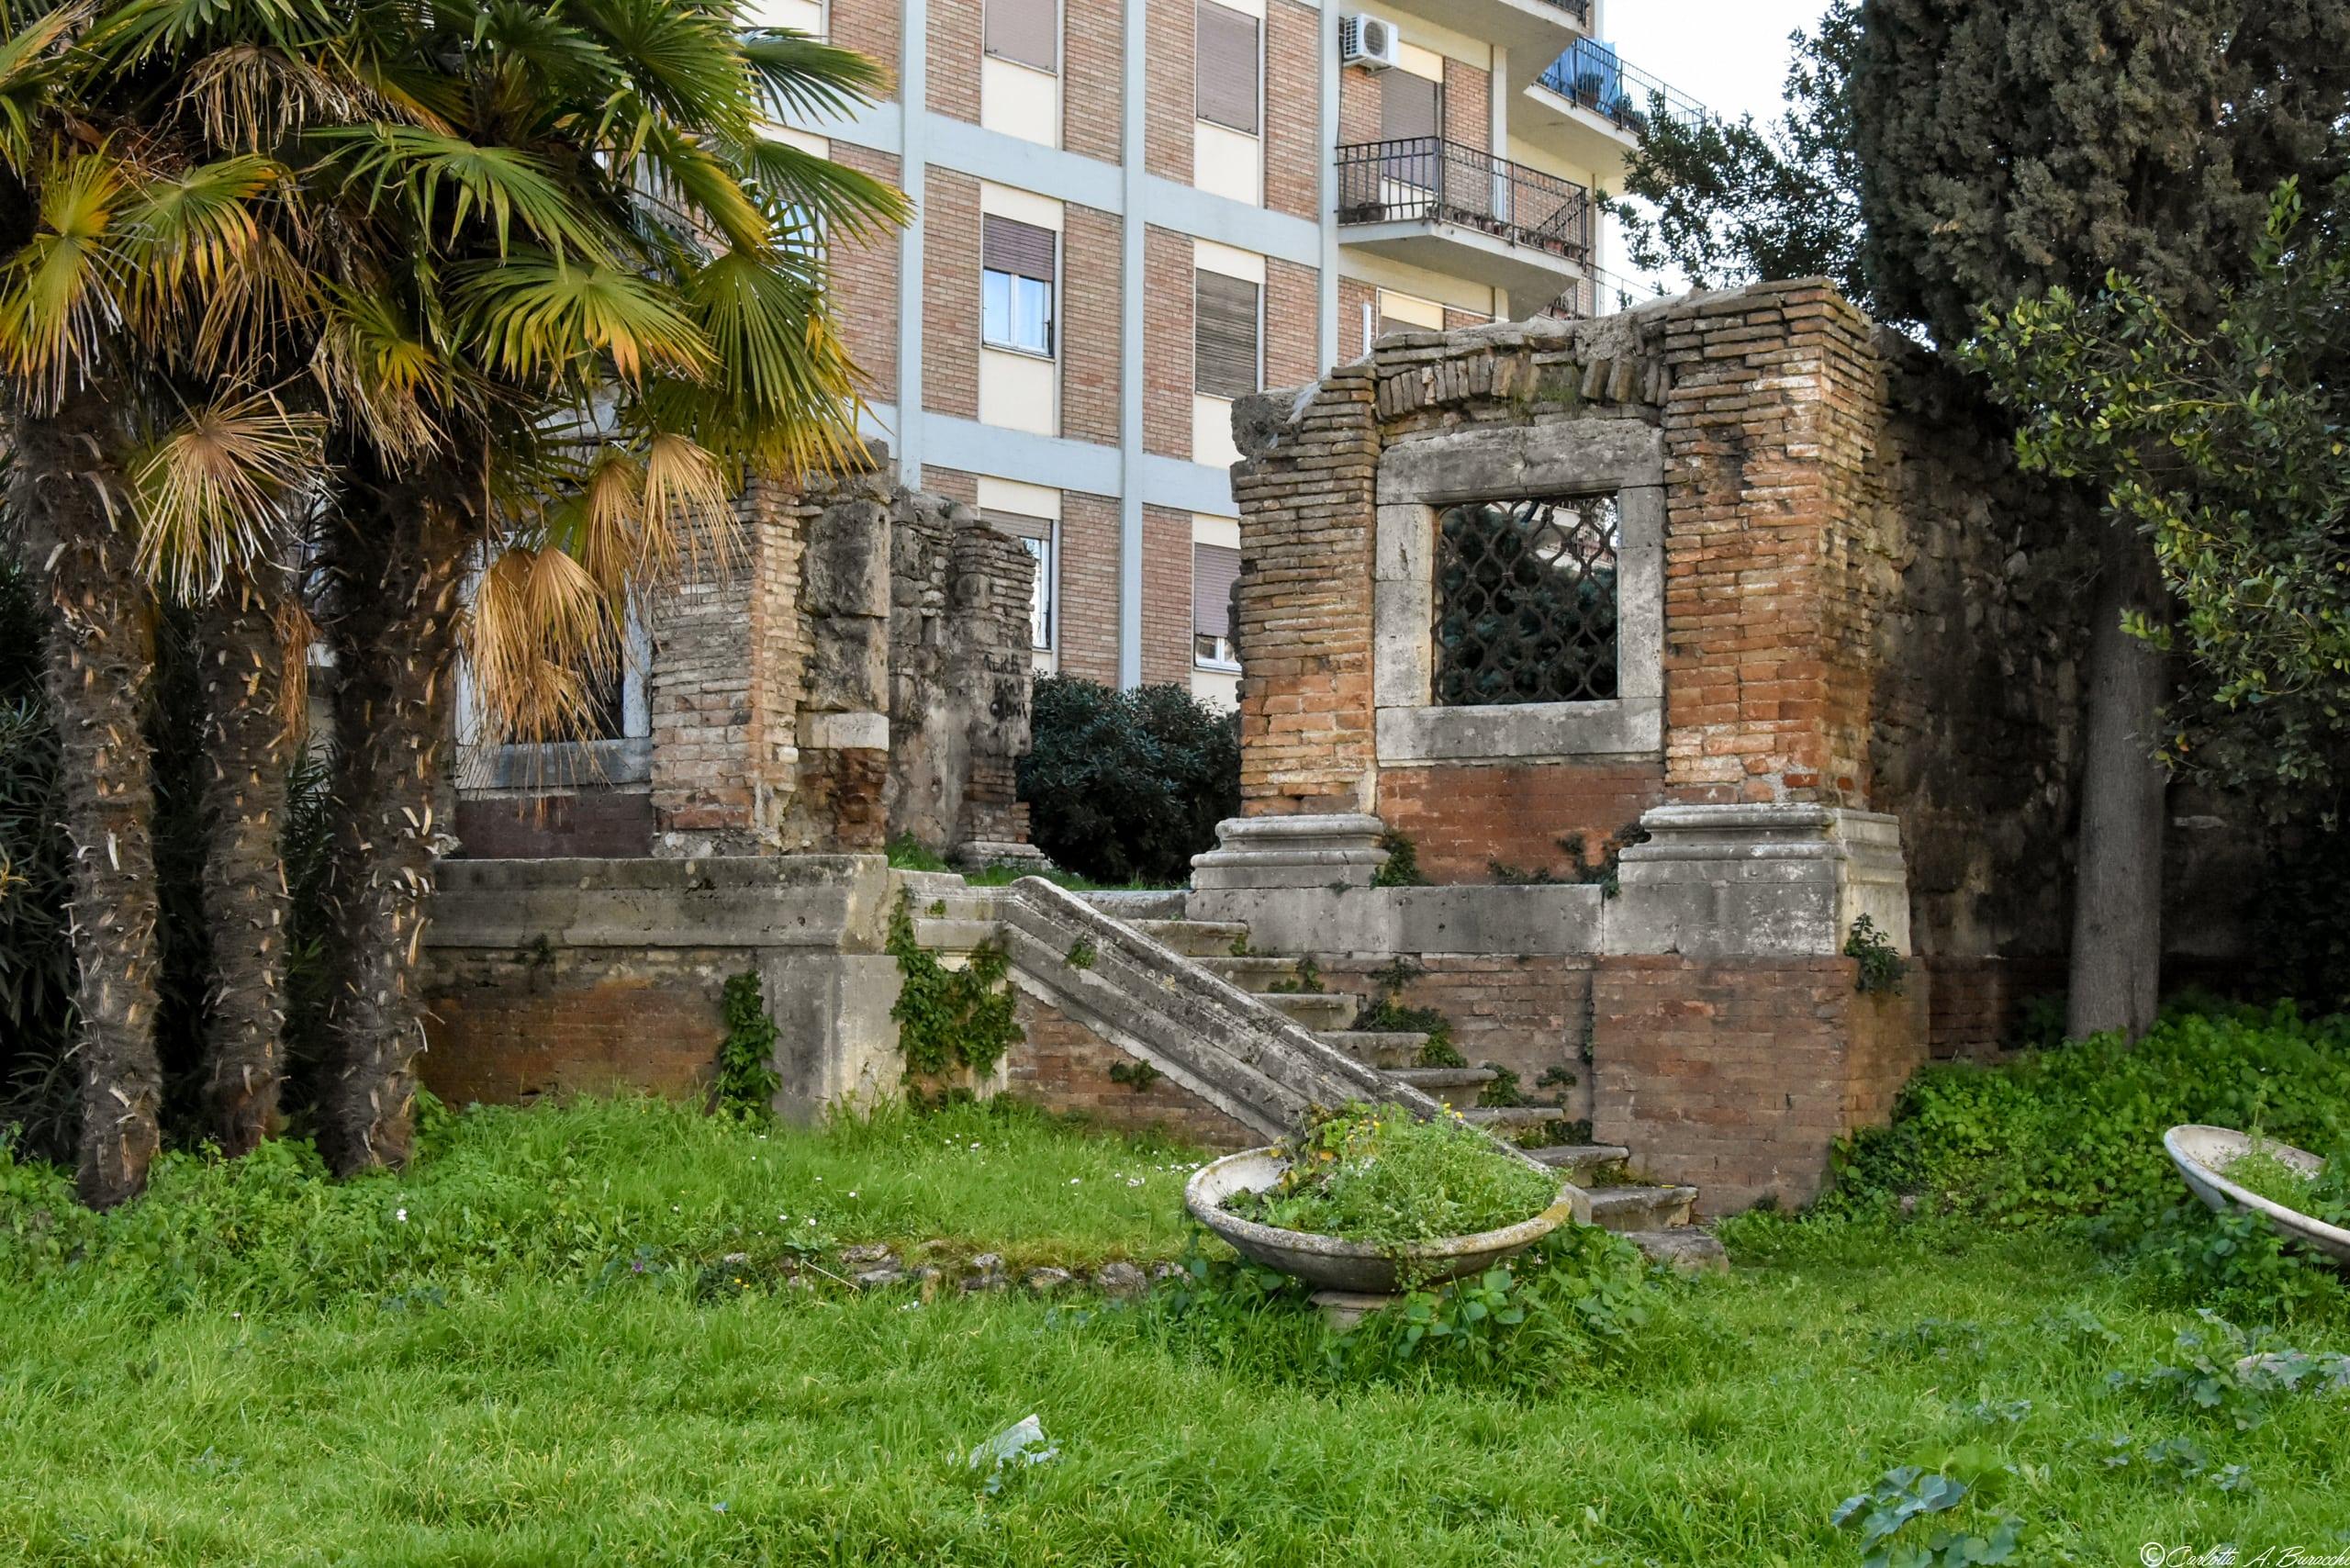 Le rovine della Chiesa di Sant'Andrea, distrutta dai bombardamenti che colpirono Terni durante la II Guerra mondiale